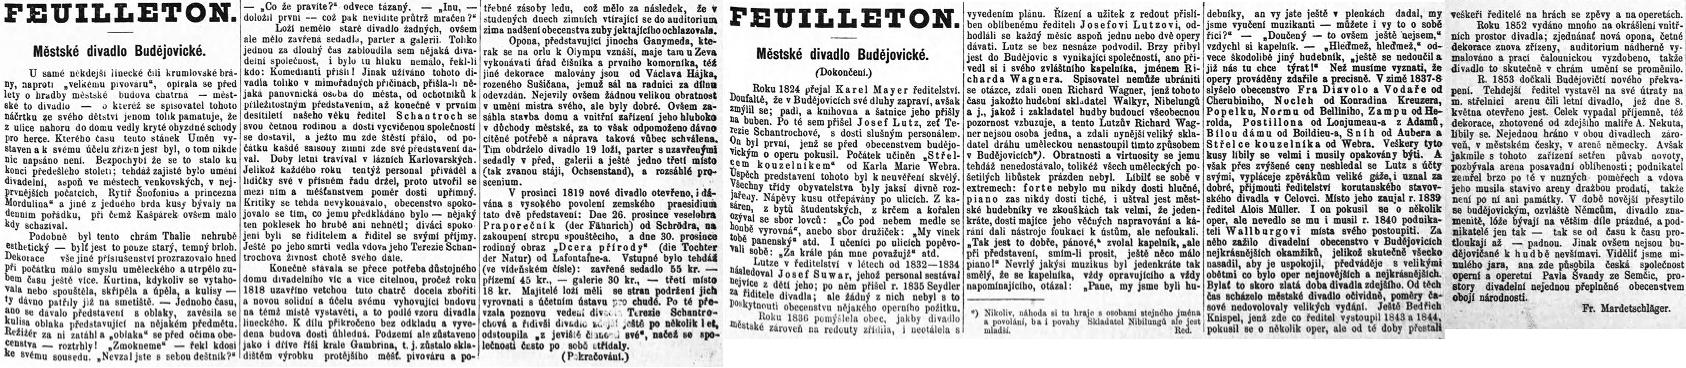 Jeho český článek k historii českobudějovického divadla má vedle zapadlých textů Reinholda Huyera a novějších souhrnů Wilhelma Formanna a G. K. Meerwalda, psaných německy, ojedinělou hodnotu